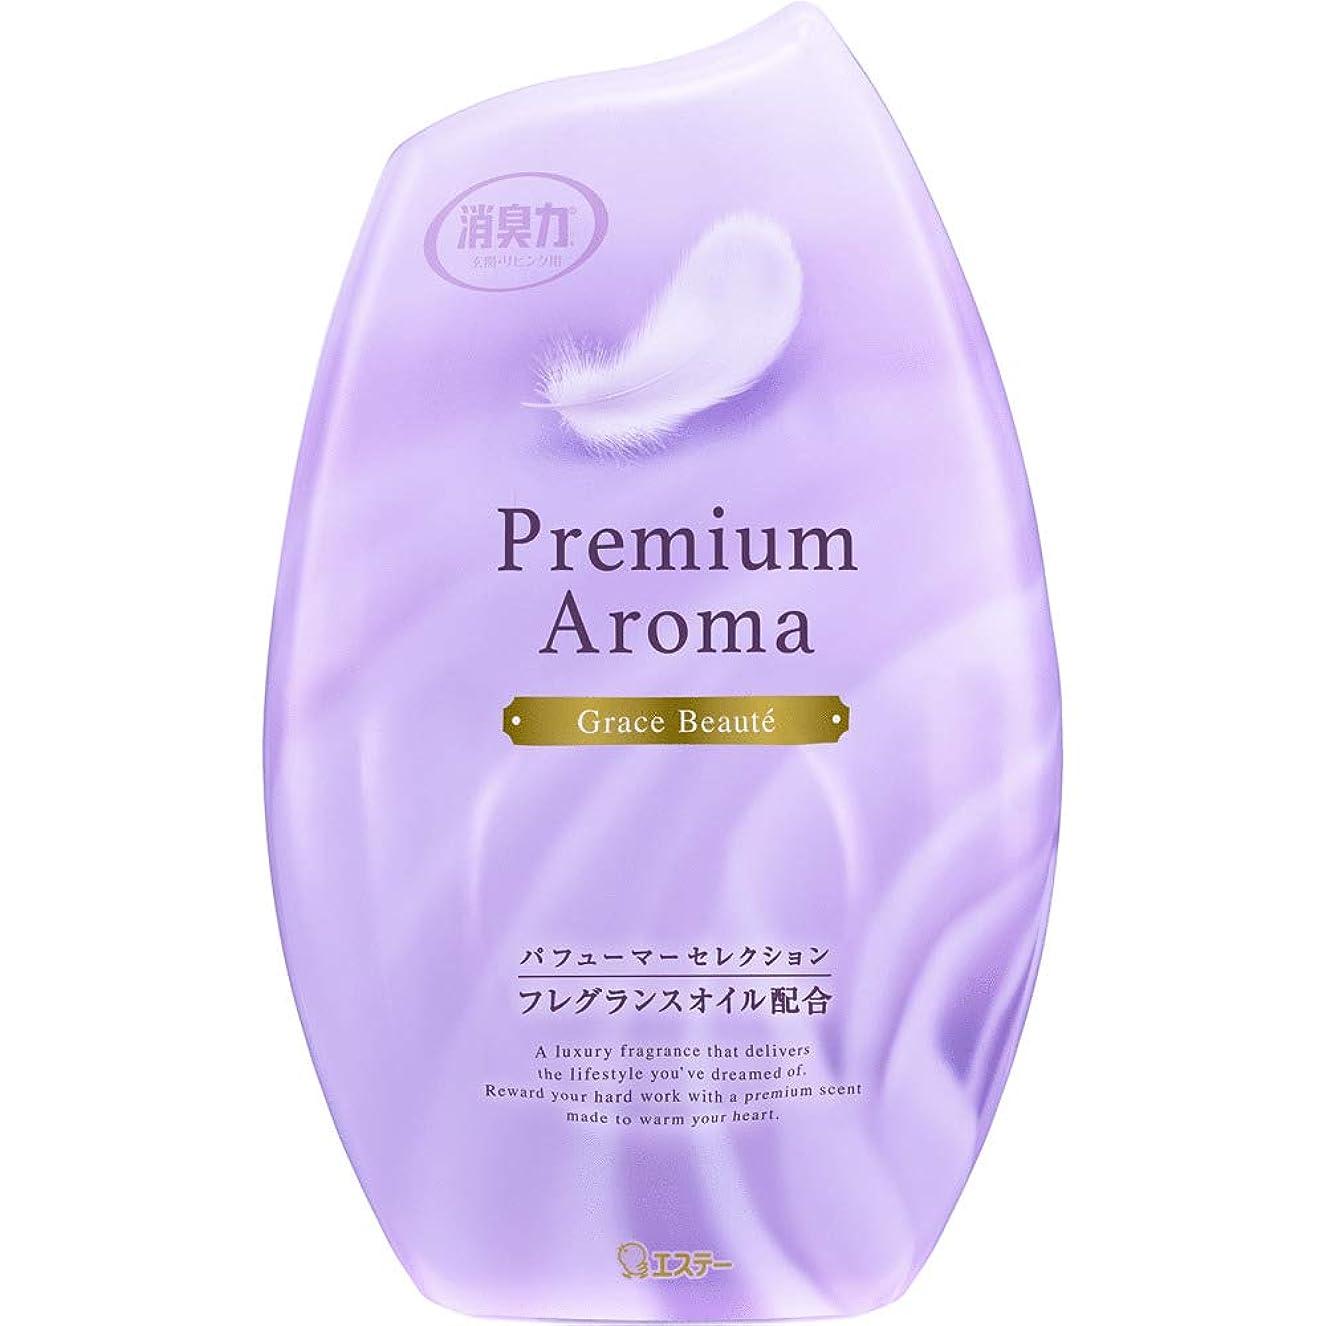 殺す拷問活気づけるお部屋の消臭力 プレミアムアロマ Premium Aroma 消臭芳香剤 部屋用 グレイスボーテ 400ml